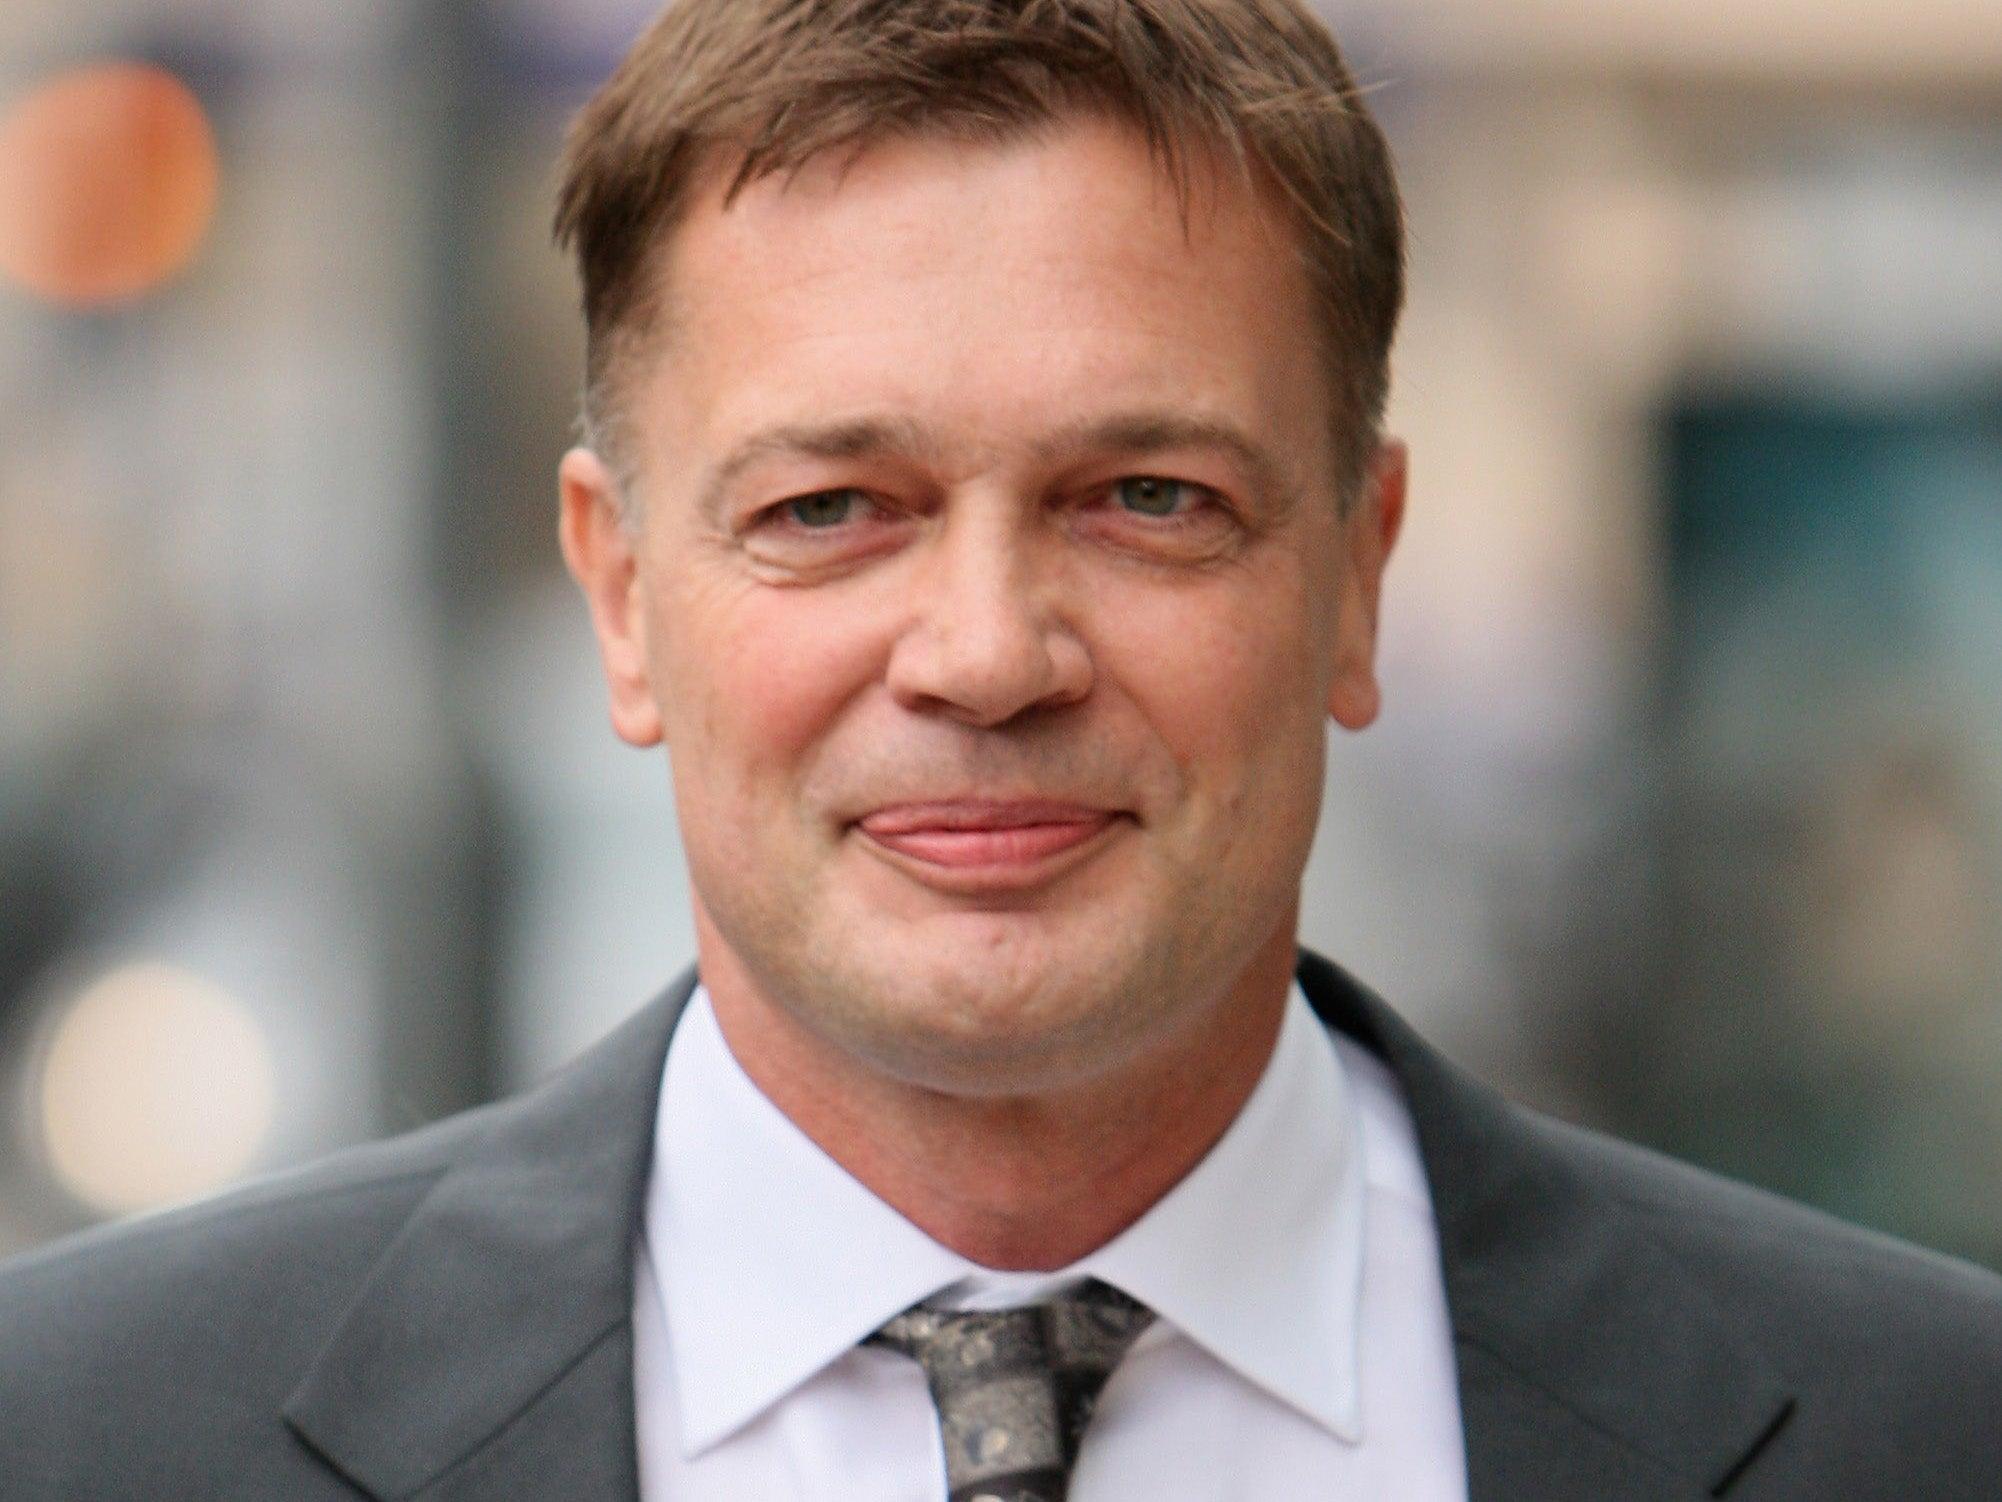 MMR fraud doctor Andrew Wakefield returns to UK for secretive